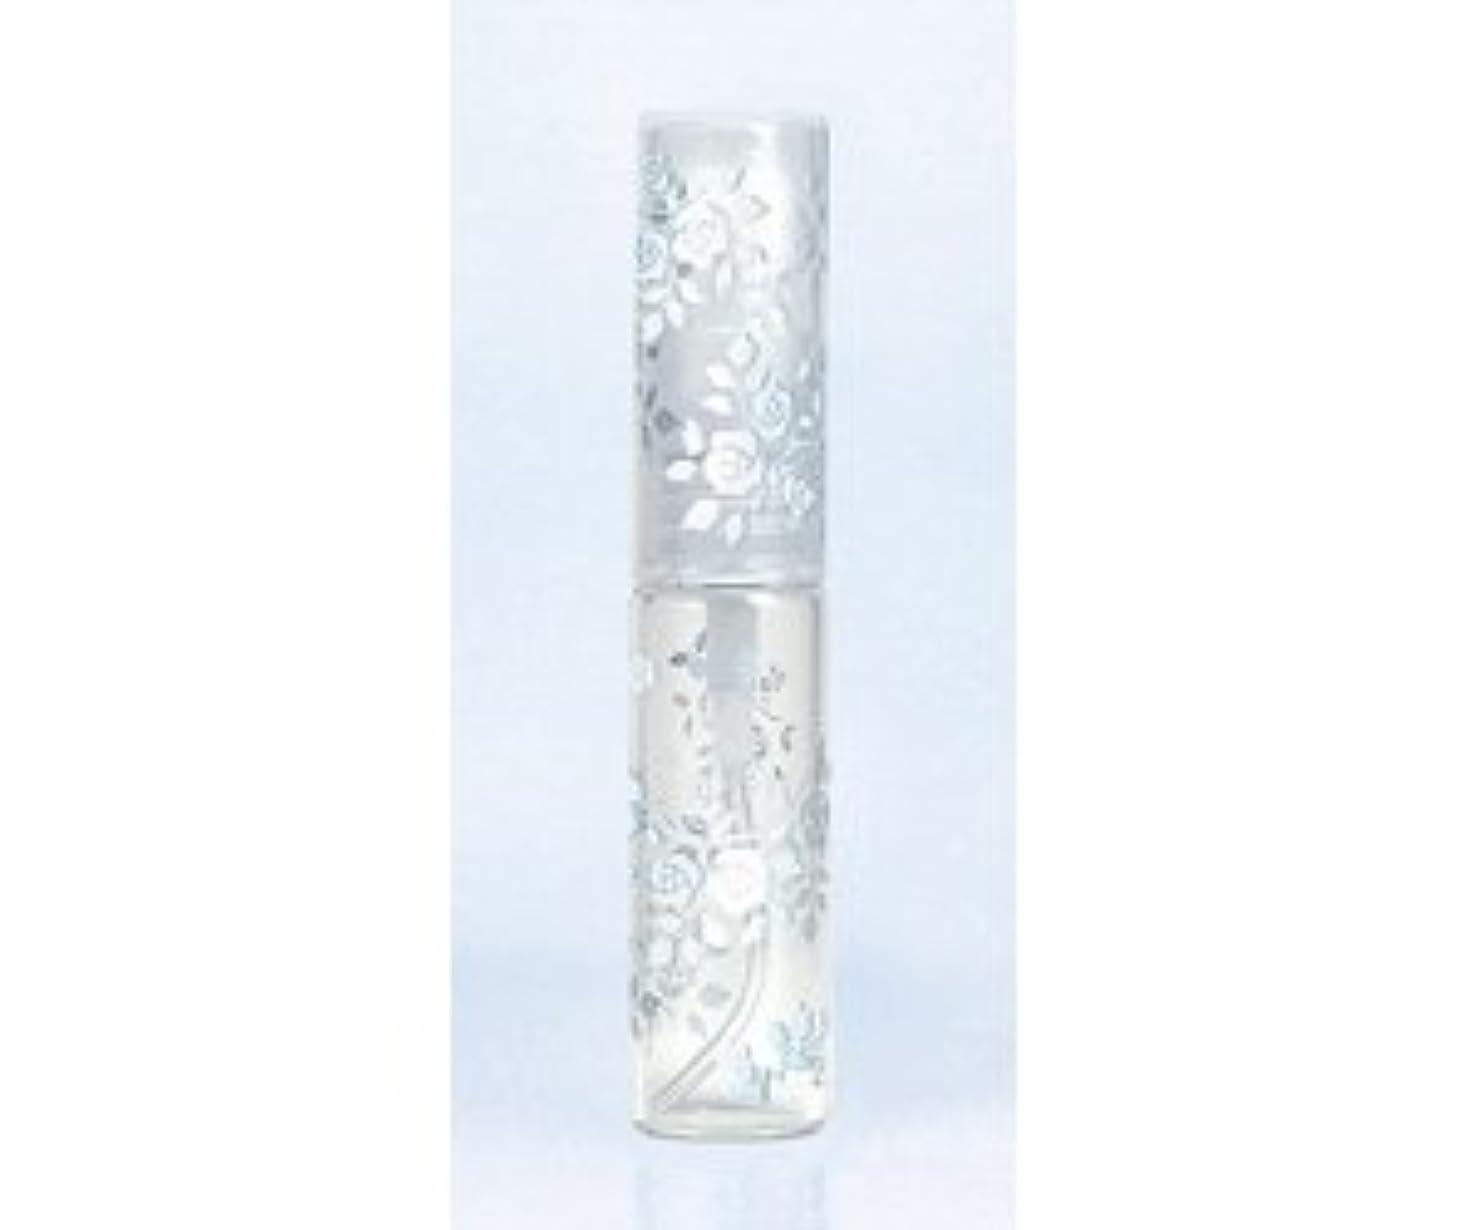 デコレーション増加する外部ヤマダアトマイザー グラス アトマイザー 香水 携帯用 詰め換え用付属品入り 50121